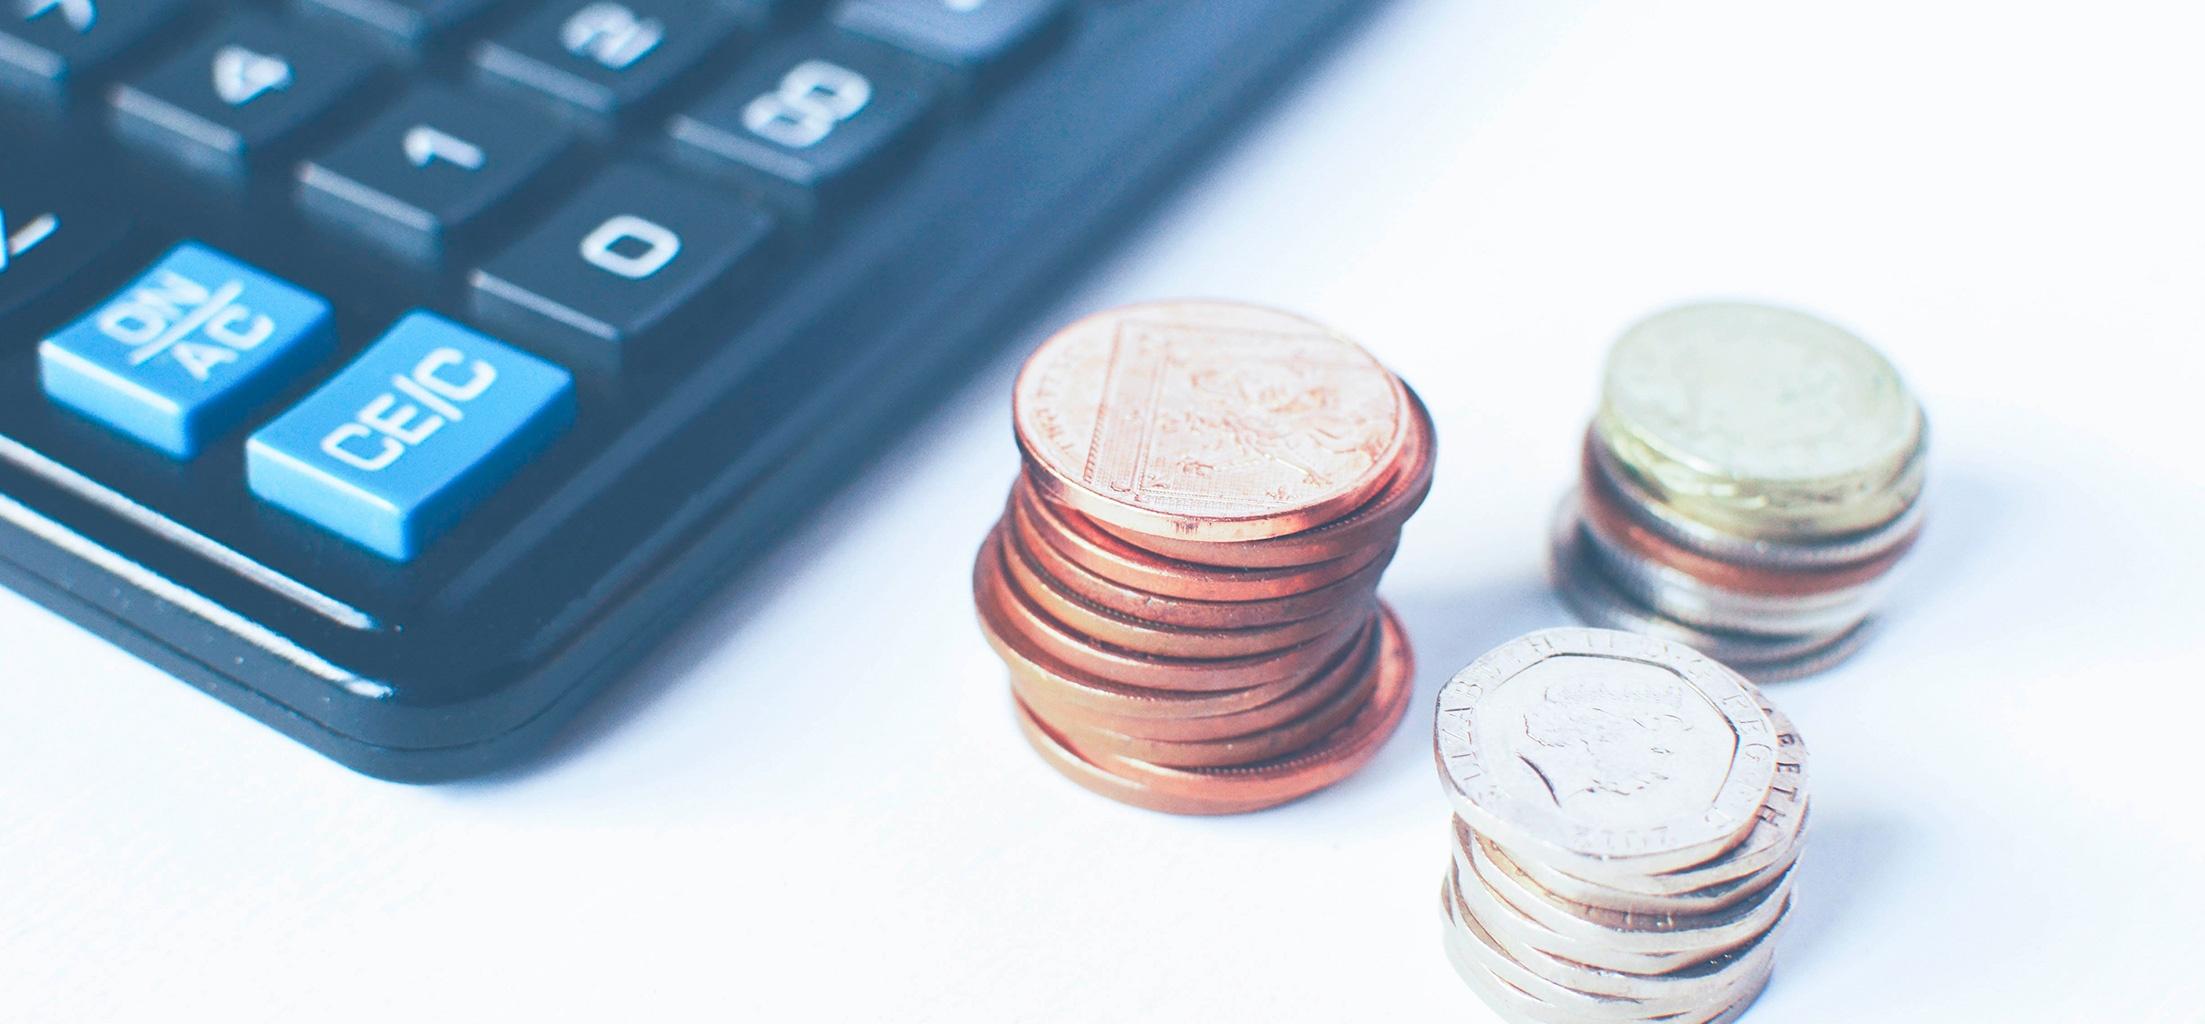 Como-economizar-dinheiro-44-dicas-para-organizar-as-financas